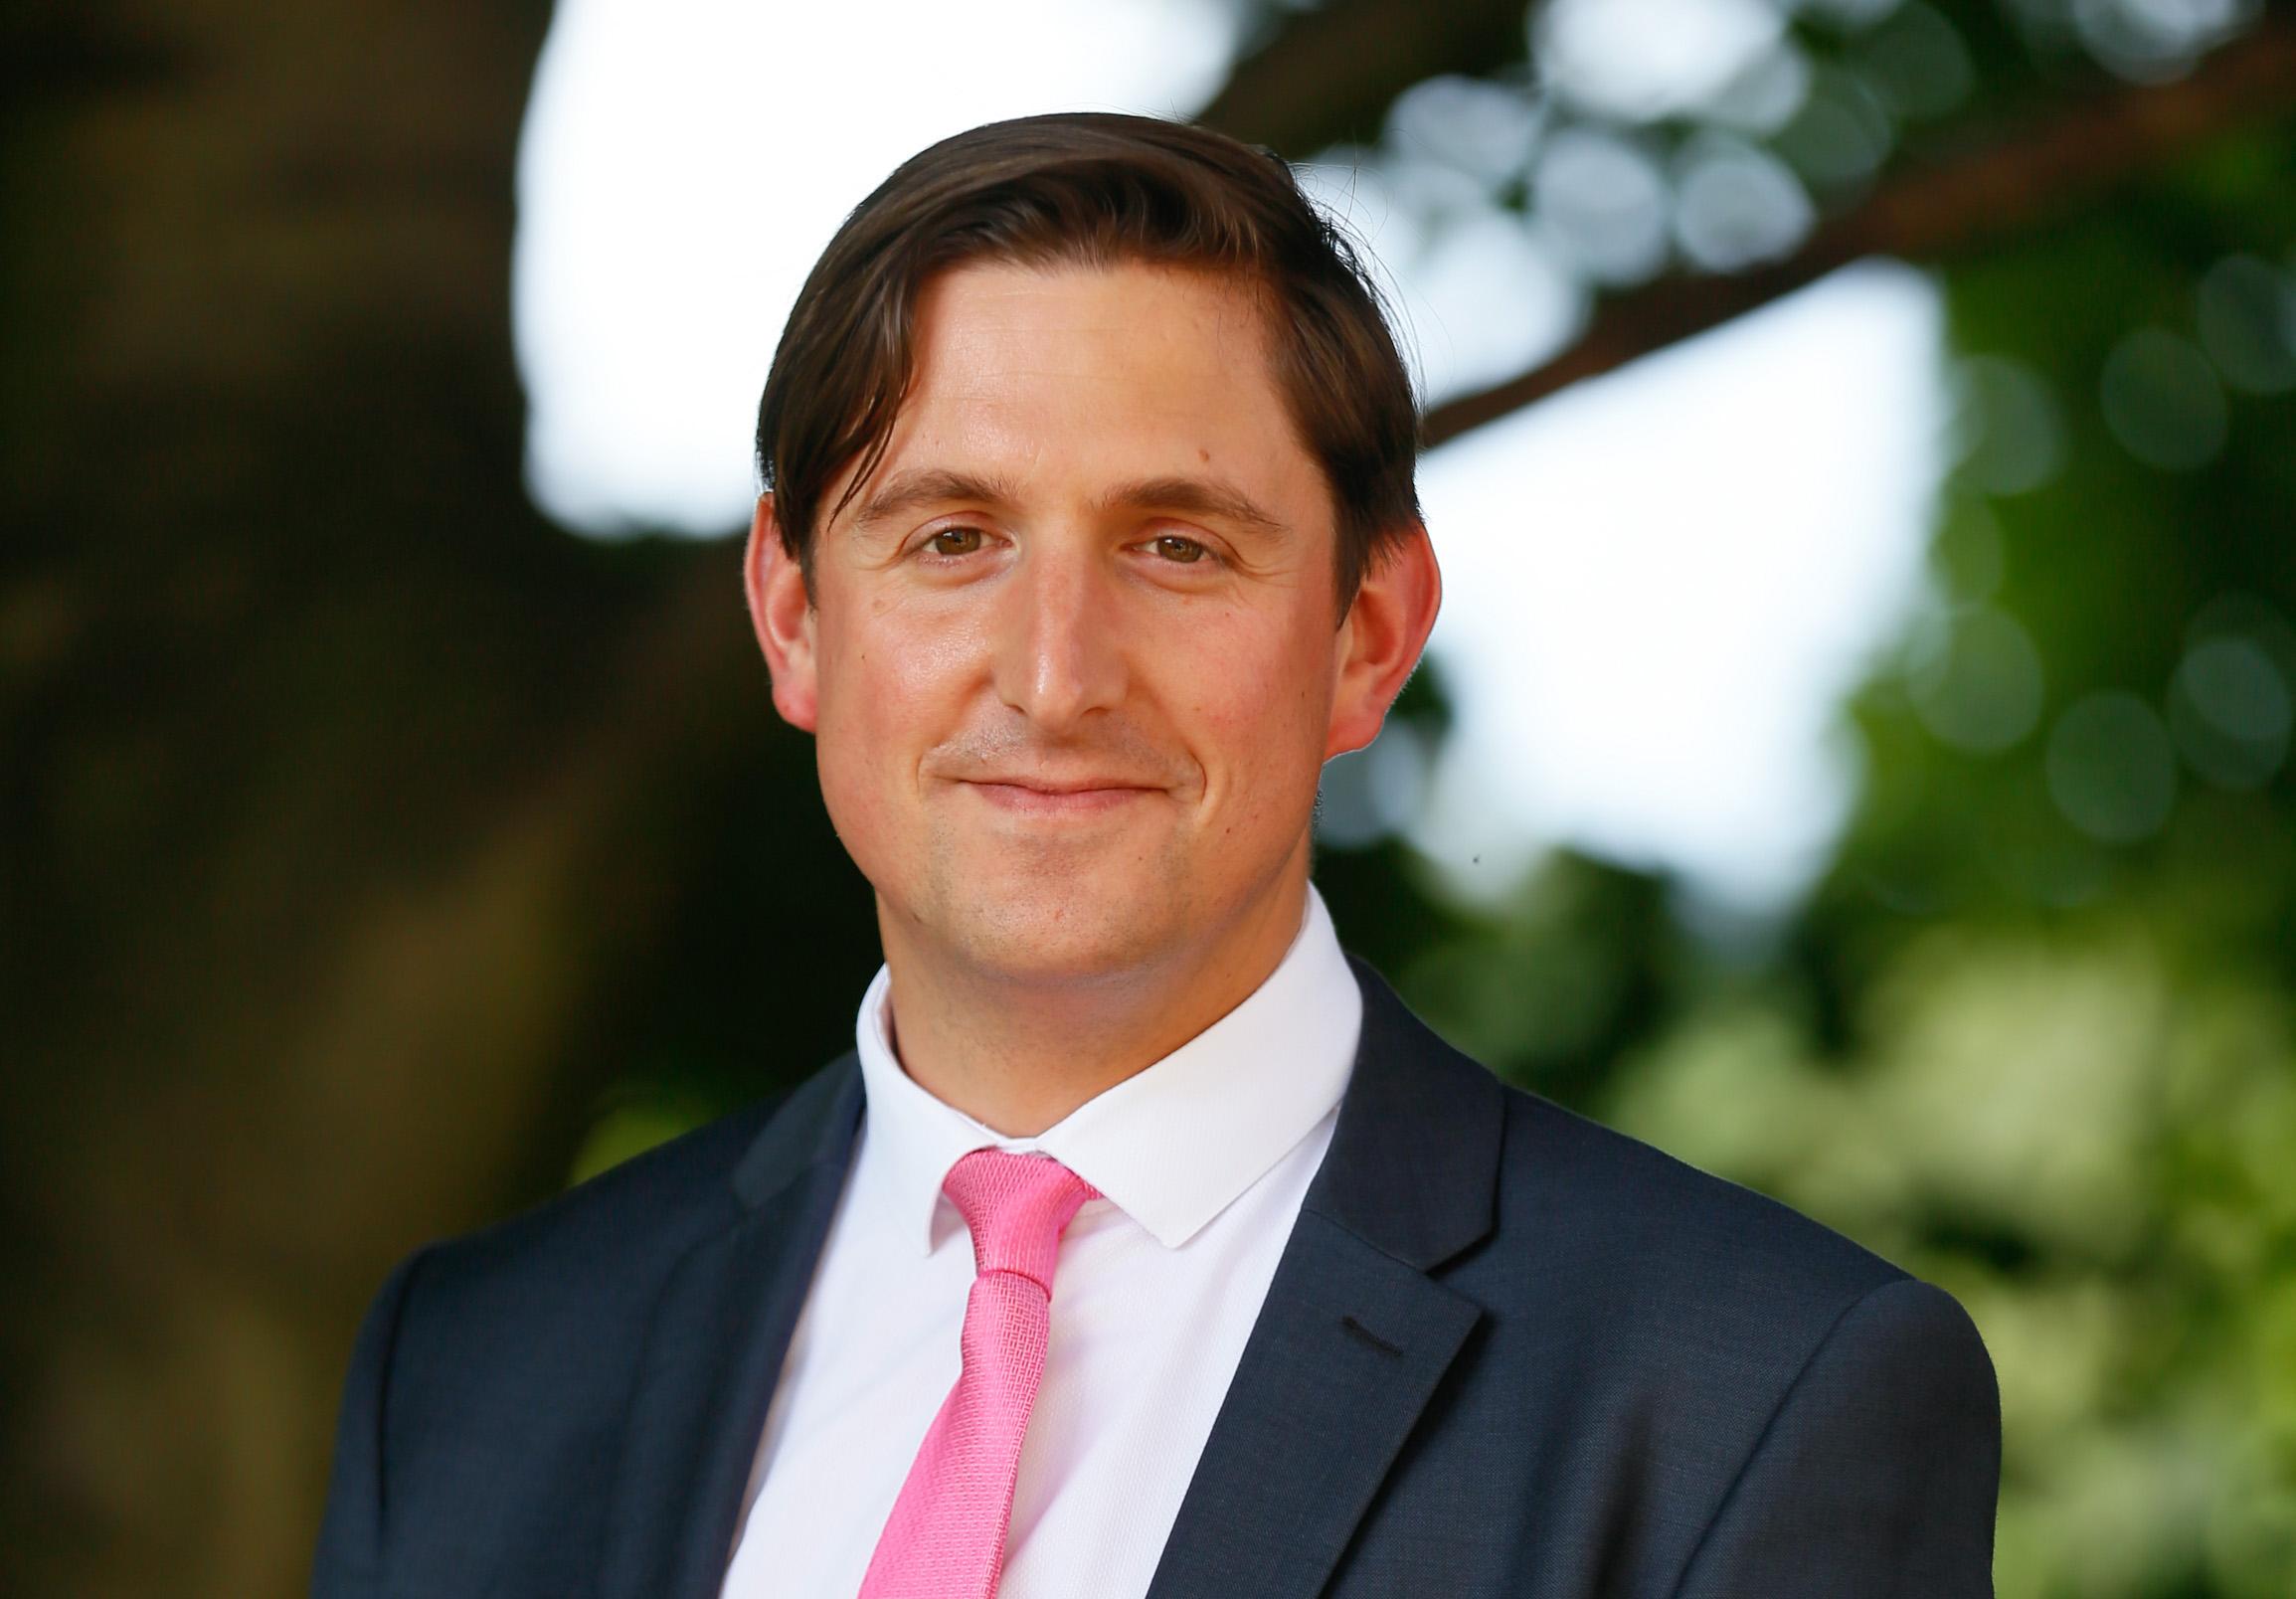 Ross McOwen